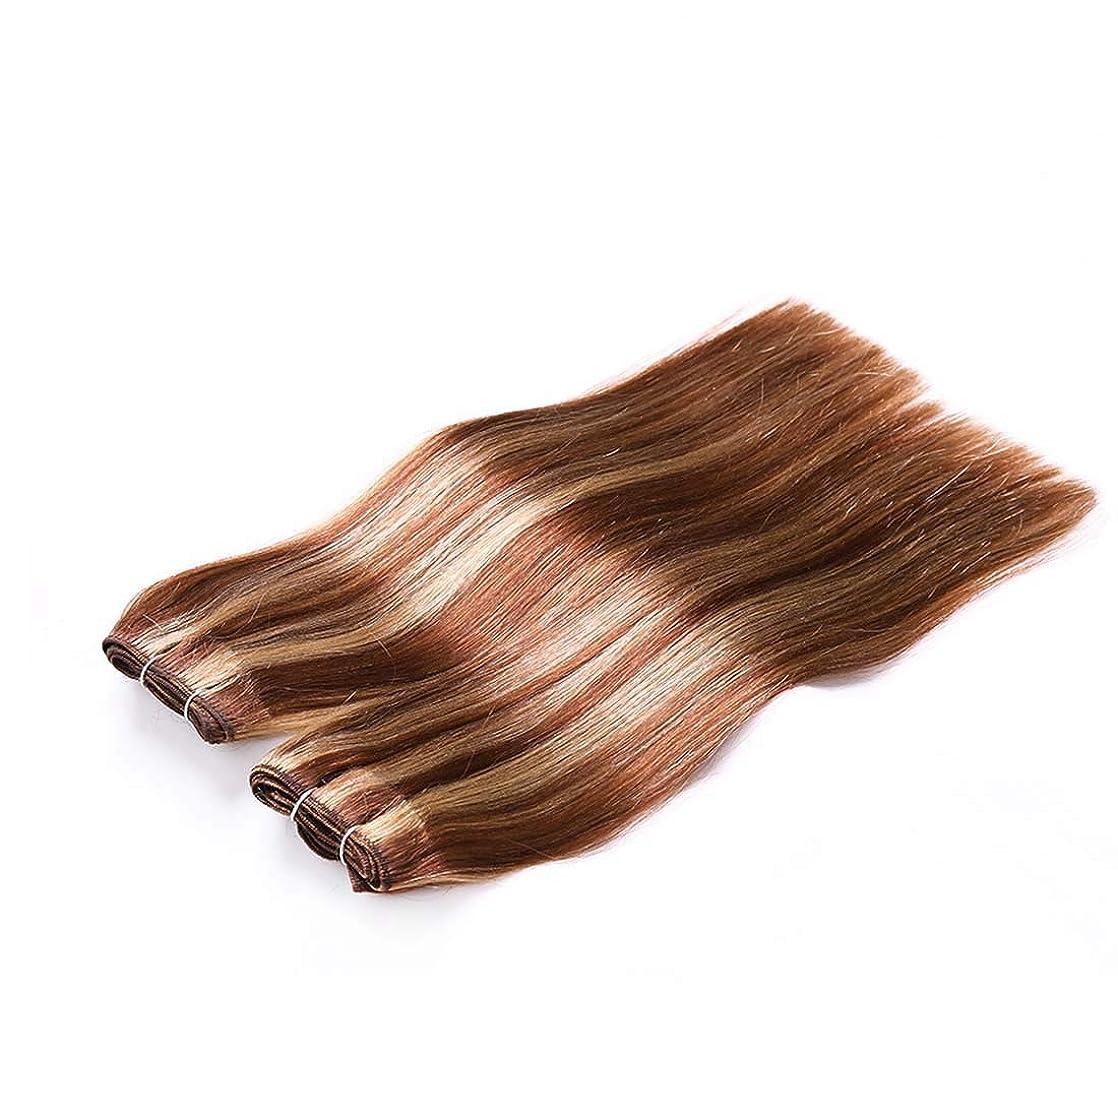 昼寝熱帯の電気技師JIANFU 髪カーテン レアルヘア ストレートヘア ミックスカラー ウィッグカーテン レディース ノットなし 染める可能 (サイズ : 16inch)